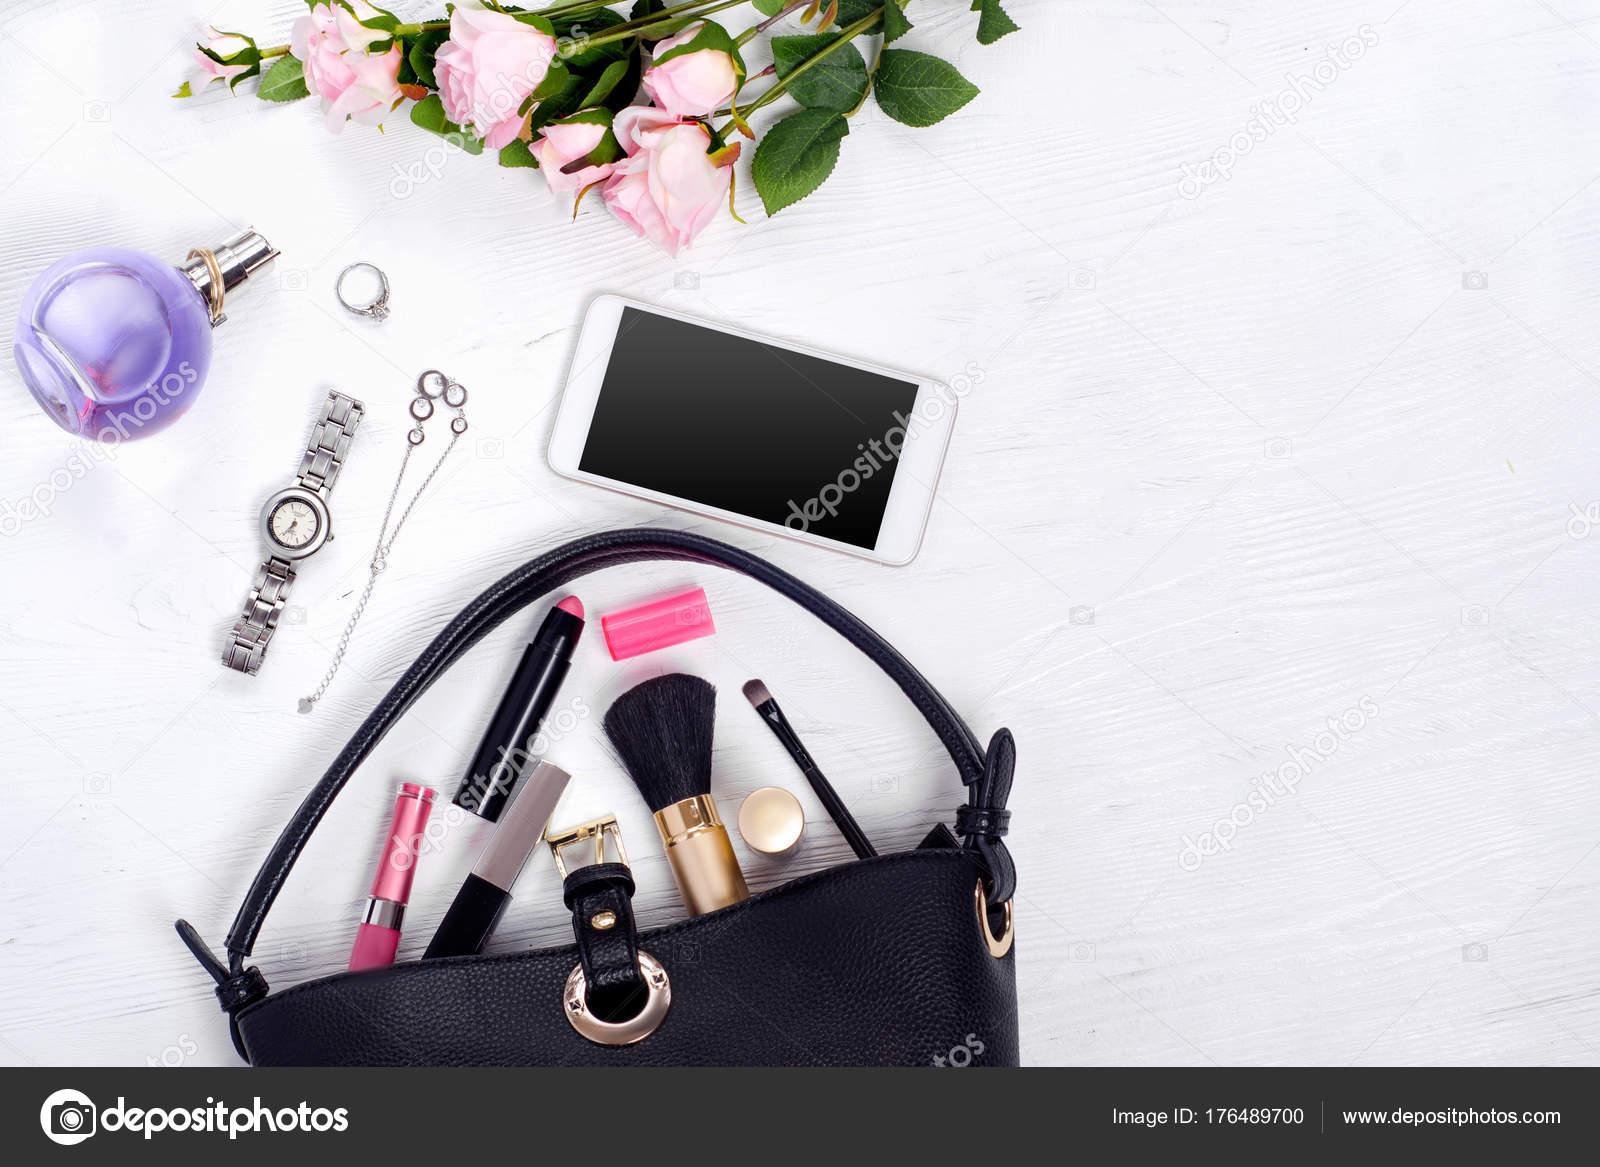 Blumen Parfüm Uhr Armband Handy Handtasche Kosmetik — Stockfoto ...